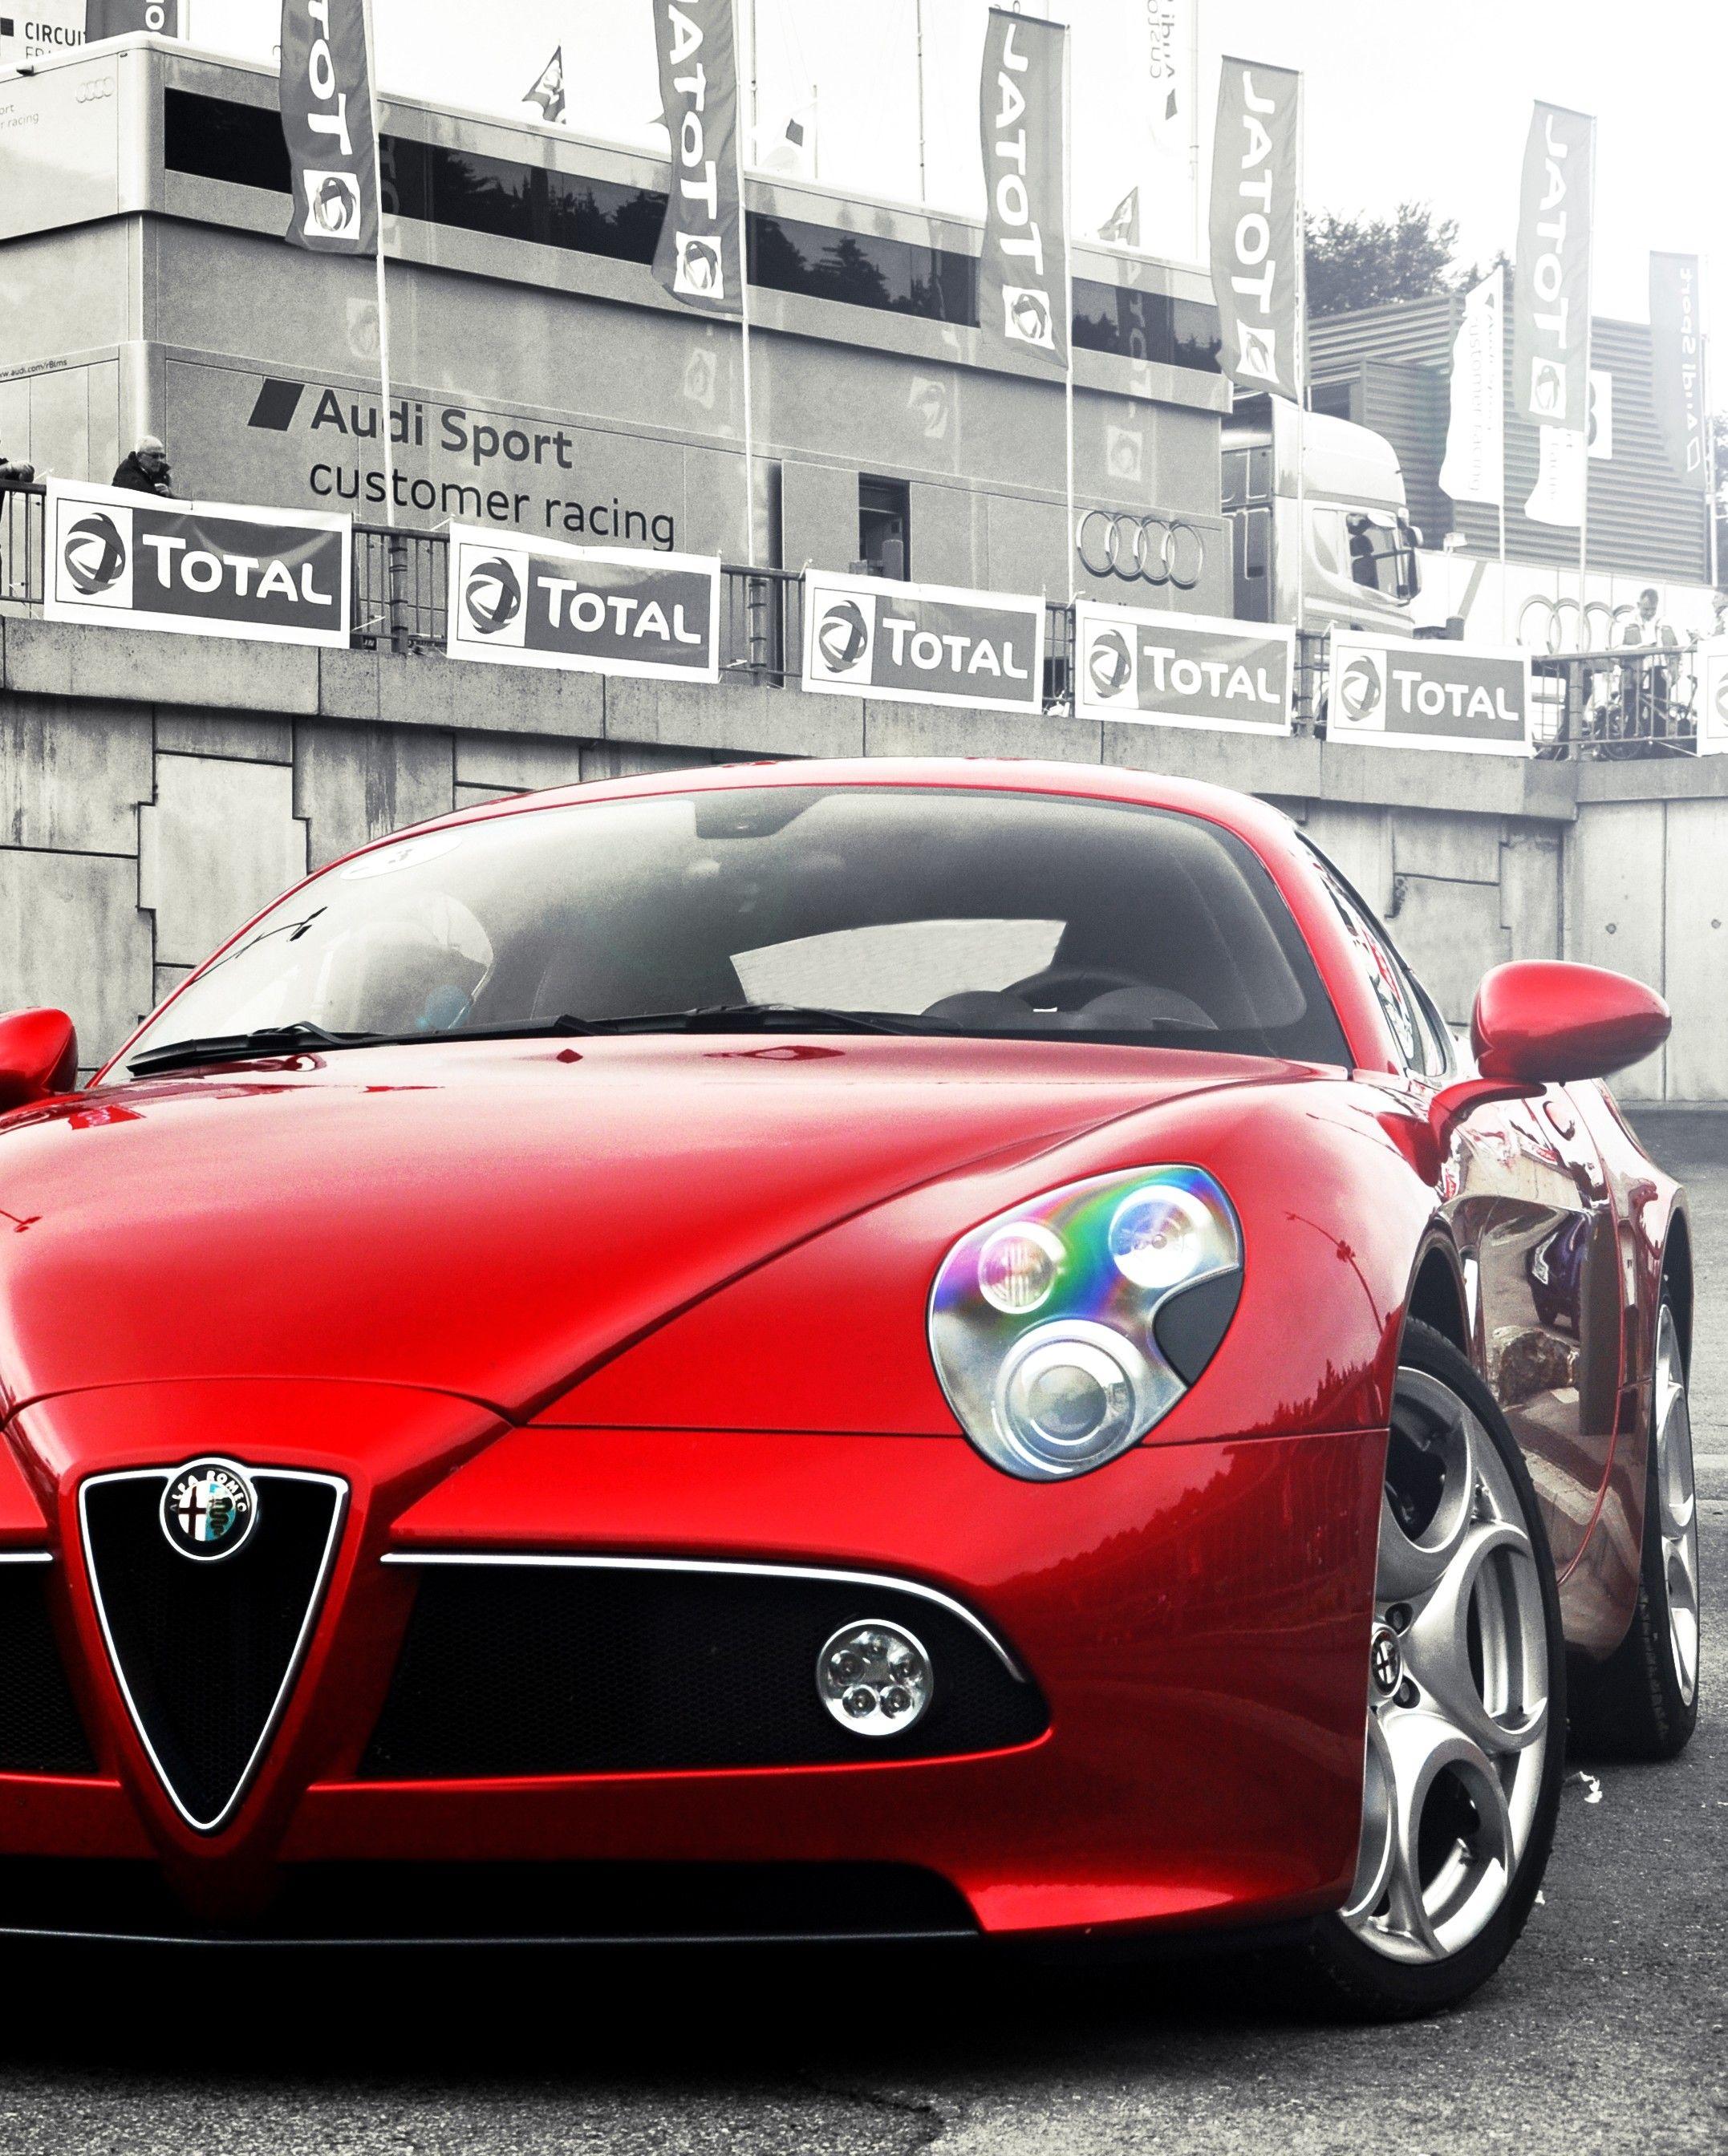 Alfa Romeo, Alfa Romeo 8c, Fiat